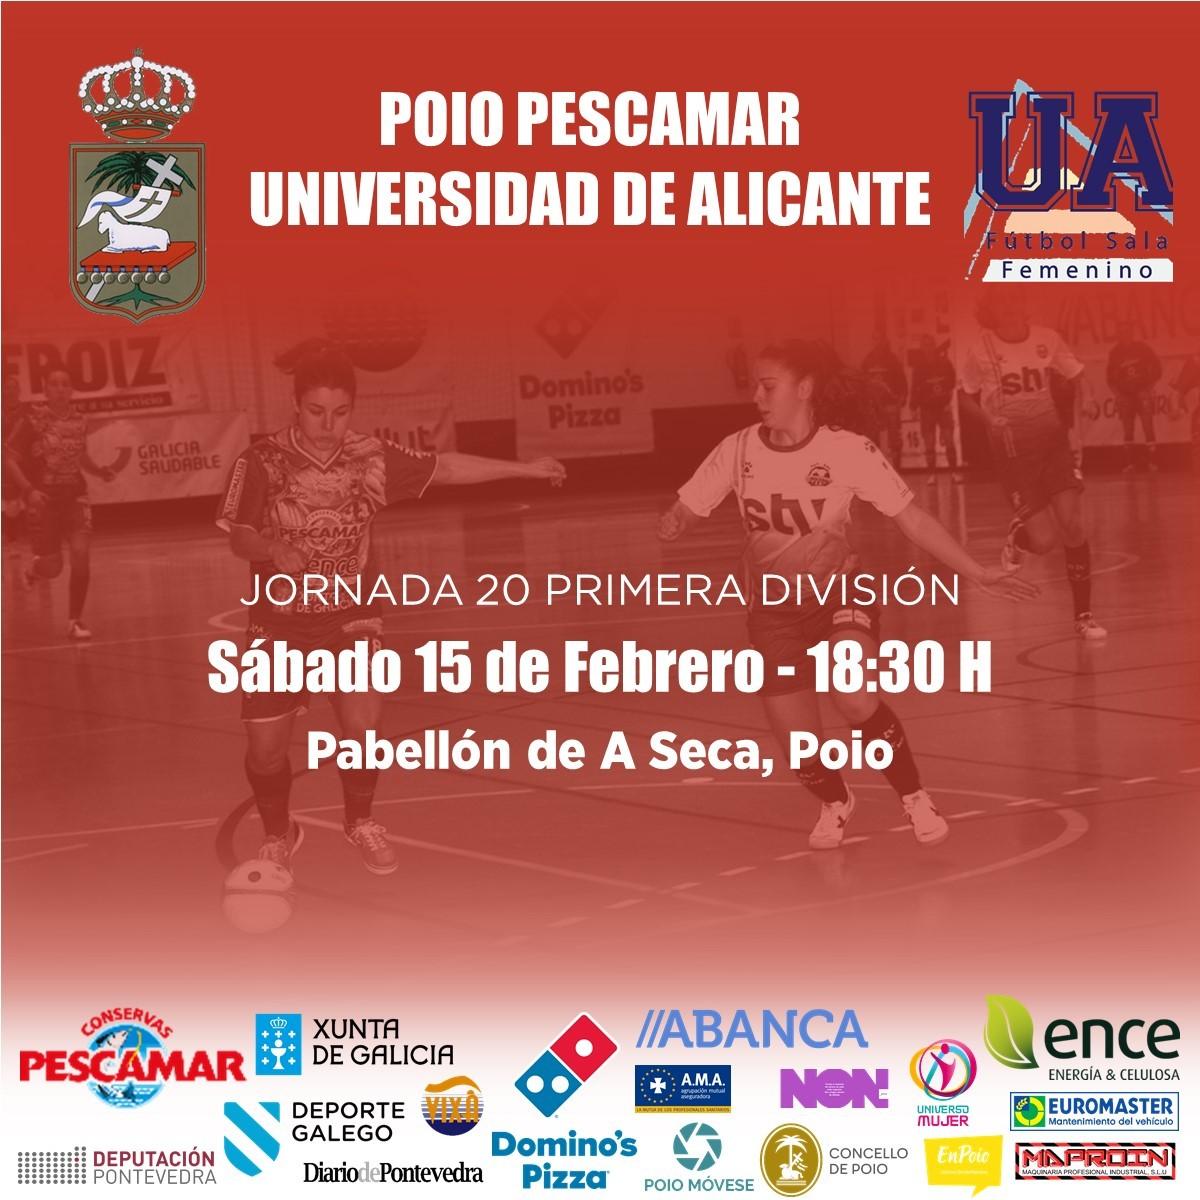 Poio---UA-Alicante